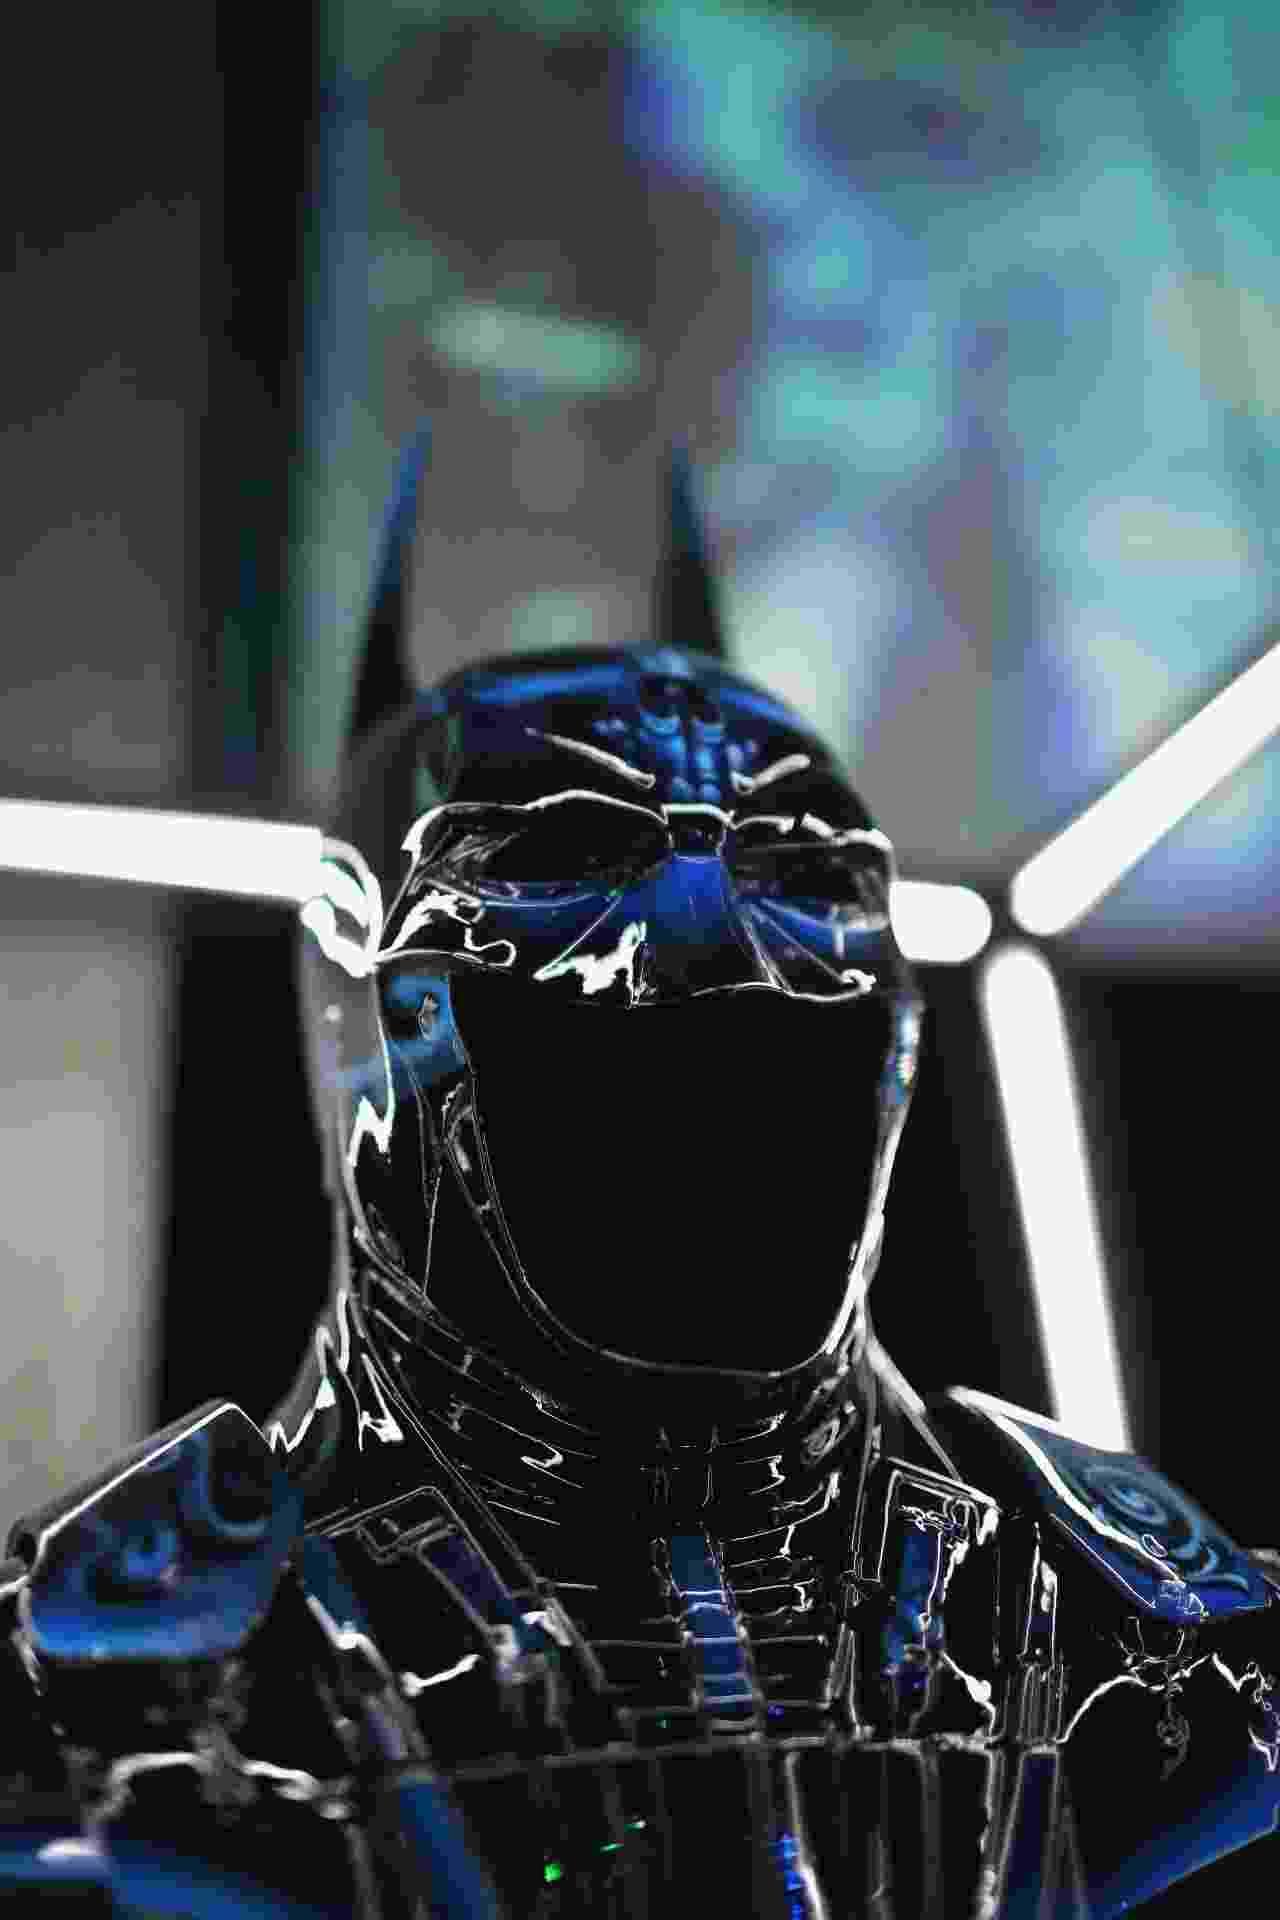 """24.jul.2014 - Armaduras do Batman pintadas por diversos são expostas no evento """"Cape/Cowl/Create"""" na San Diego Comic-Con. O Cavaleiro das Trevas está comemorando 75 anos de sua primeira aparição nos quadrinhos - Getty Images"""